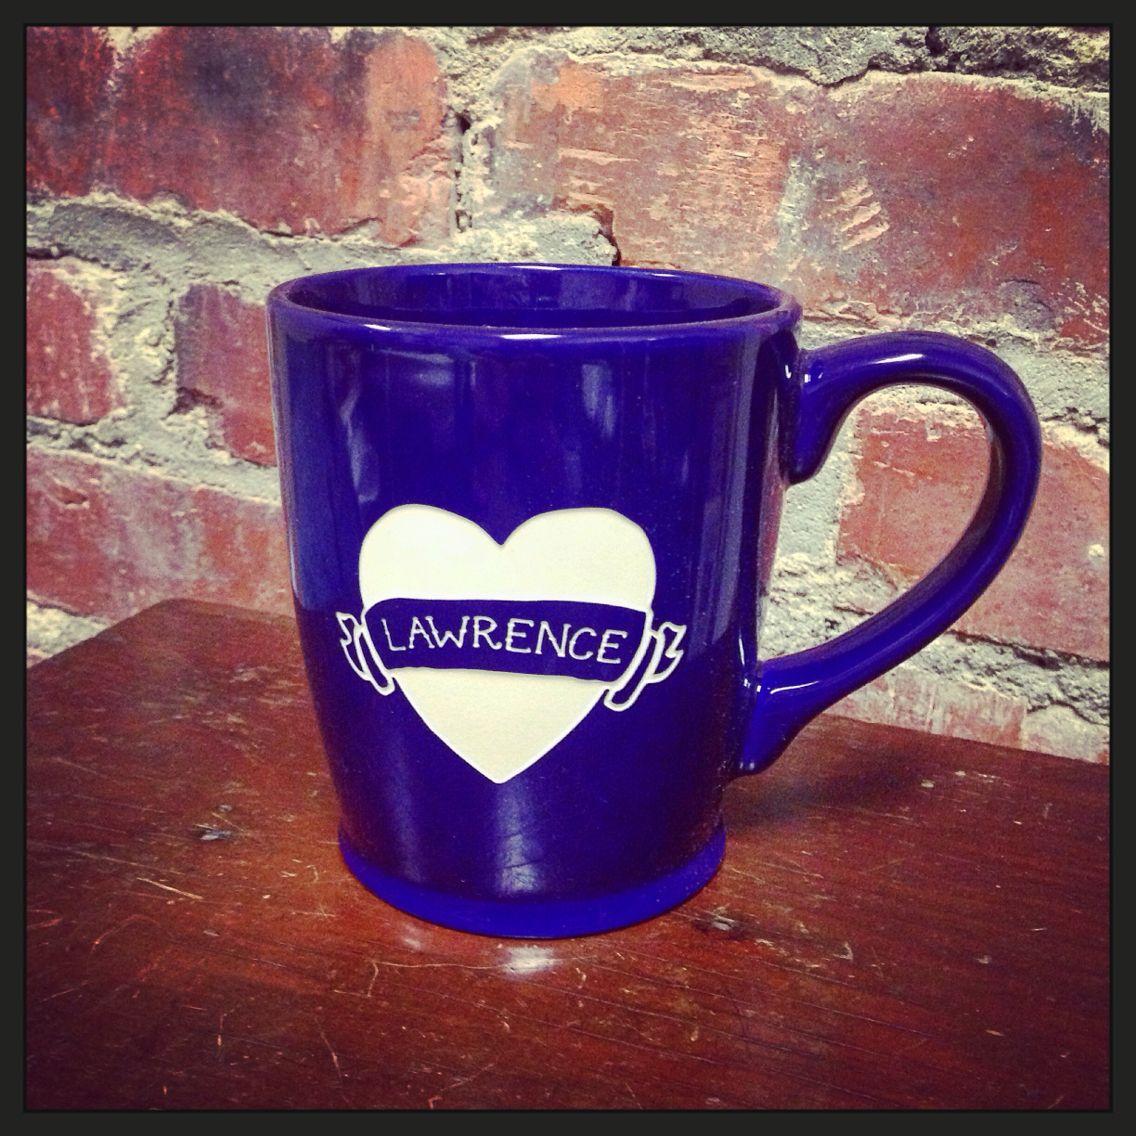 Lawrence mug